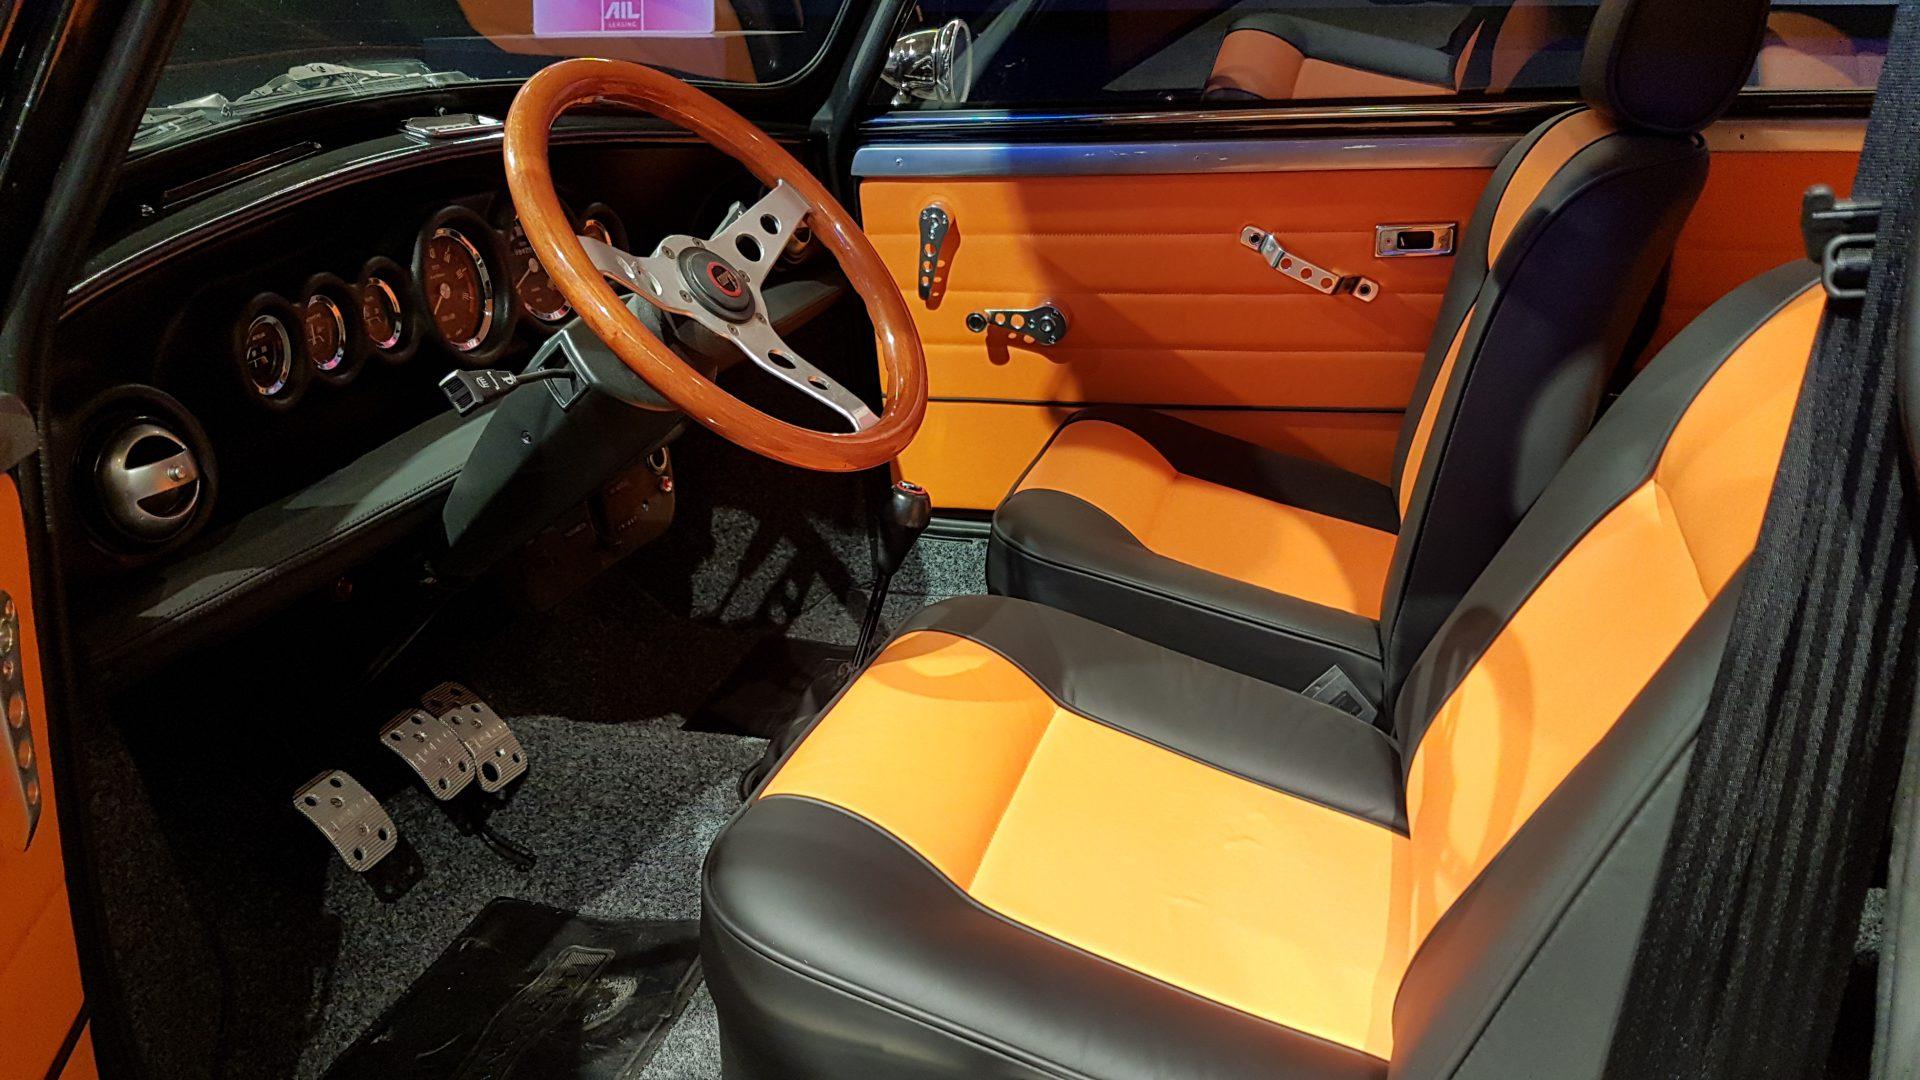 AIL MINI Leyland Innocenti Mini Cooper 1300 5